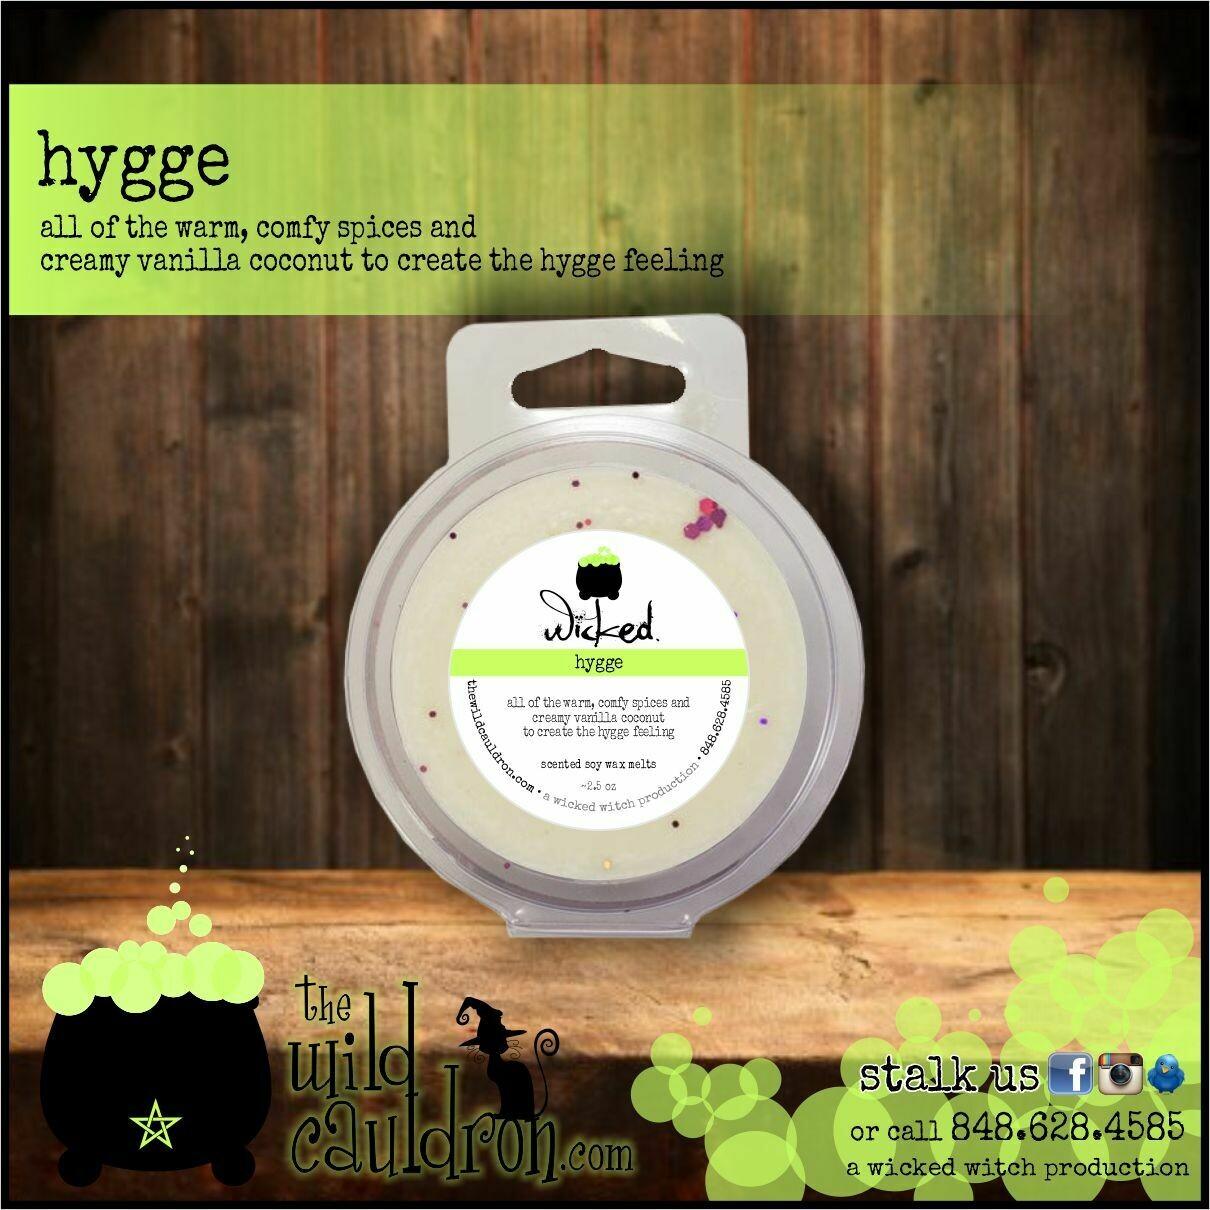 Hygge Wicked Wax Melts